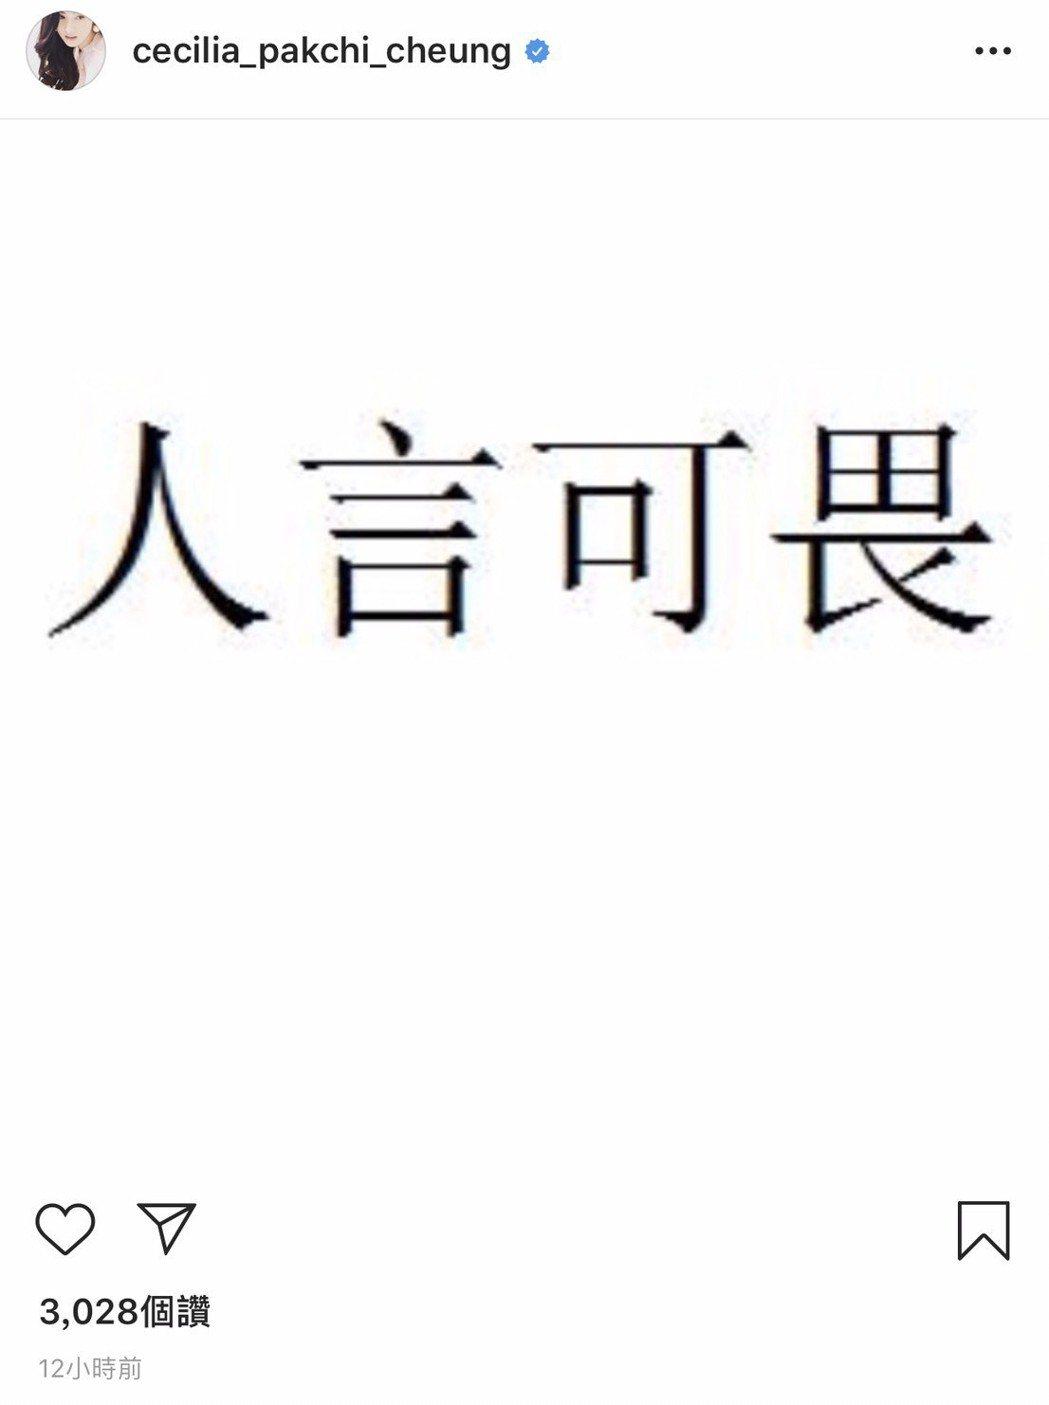 張柏芝在社群網站抒發心情。 圖/擷自IG